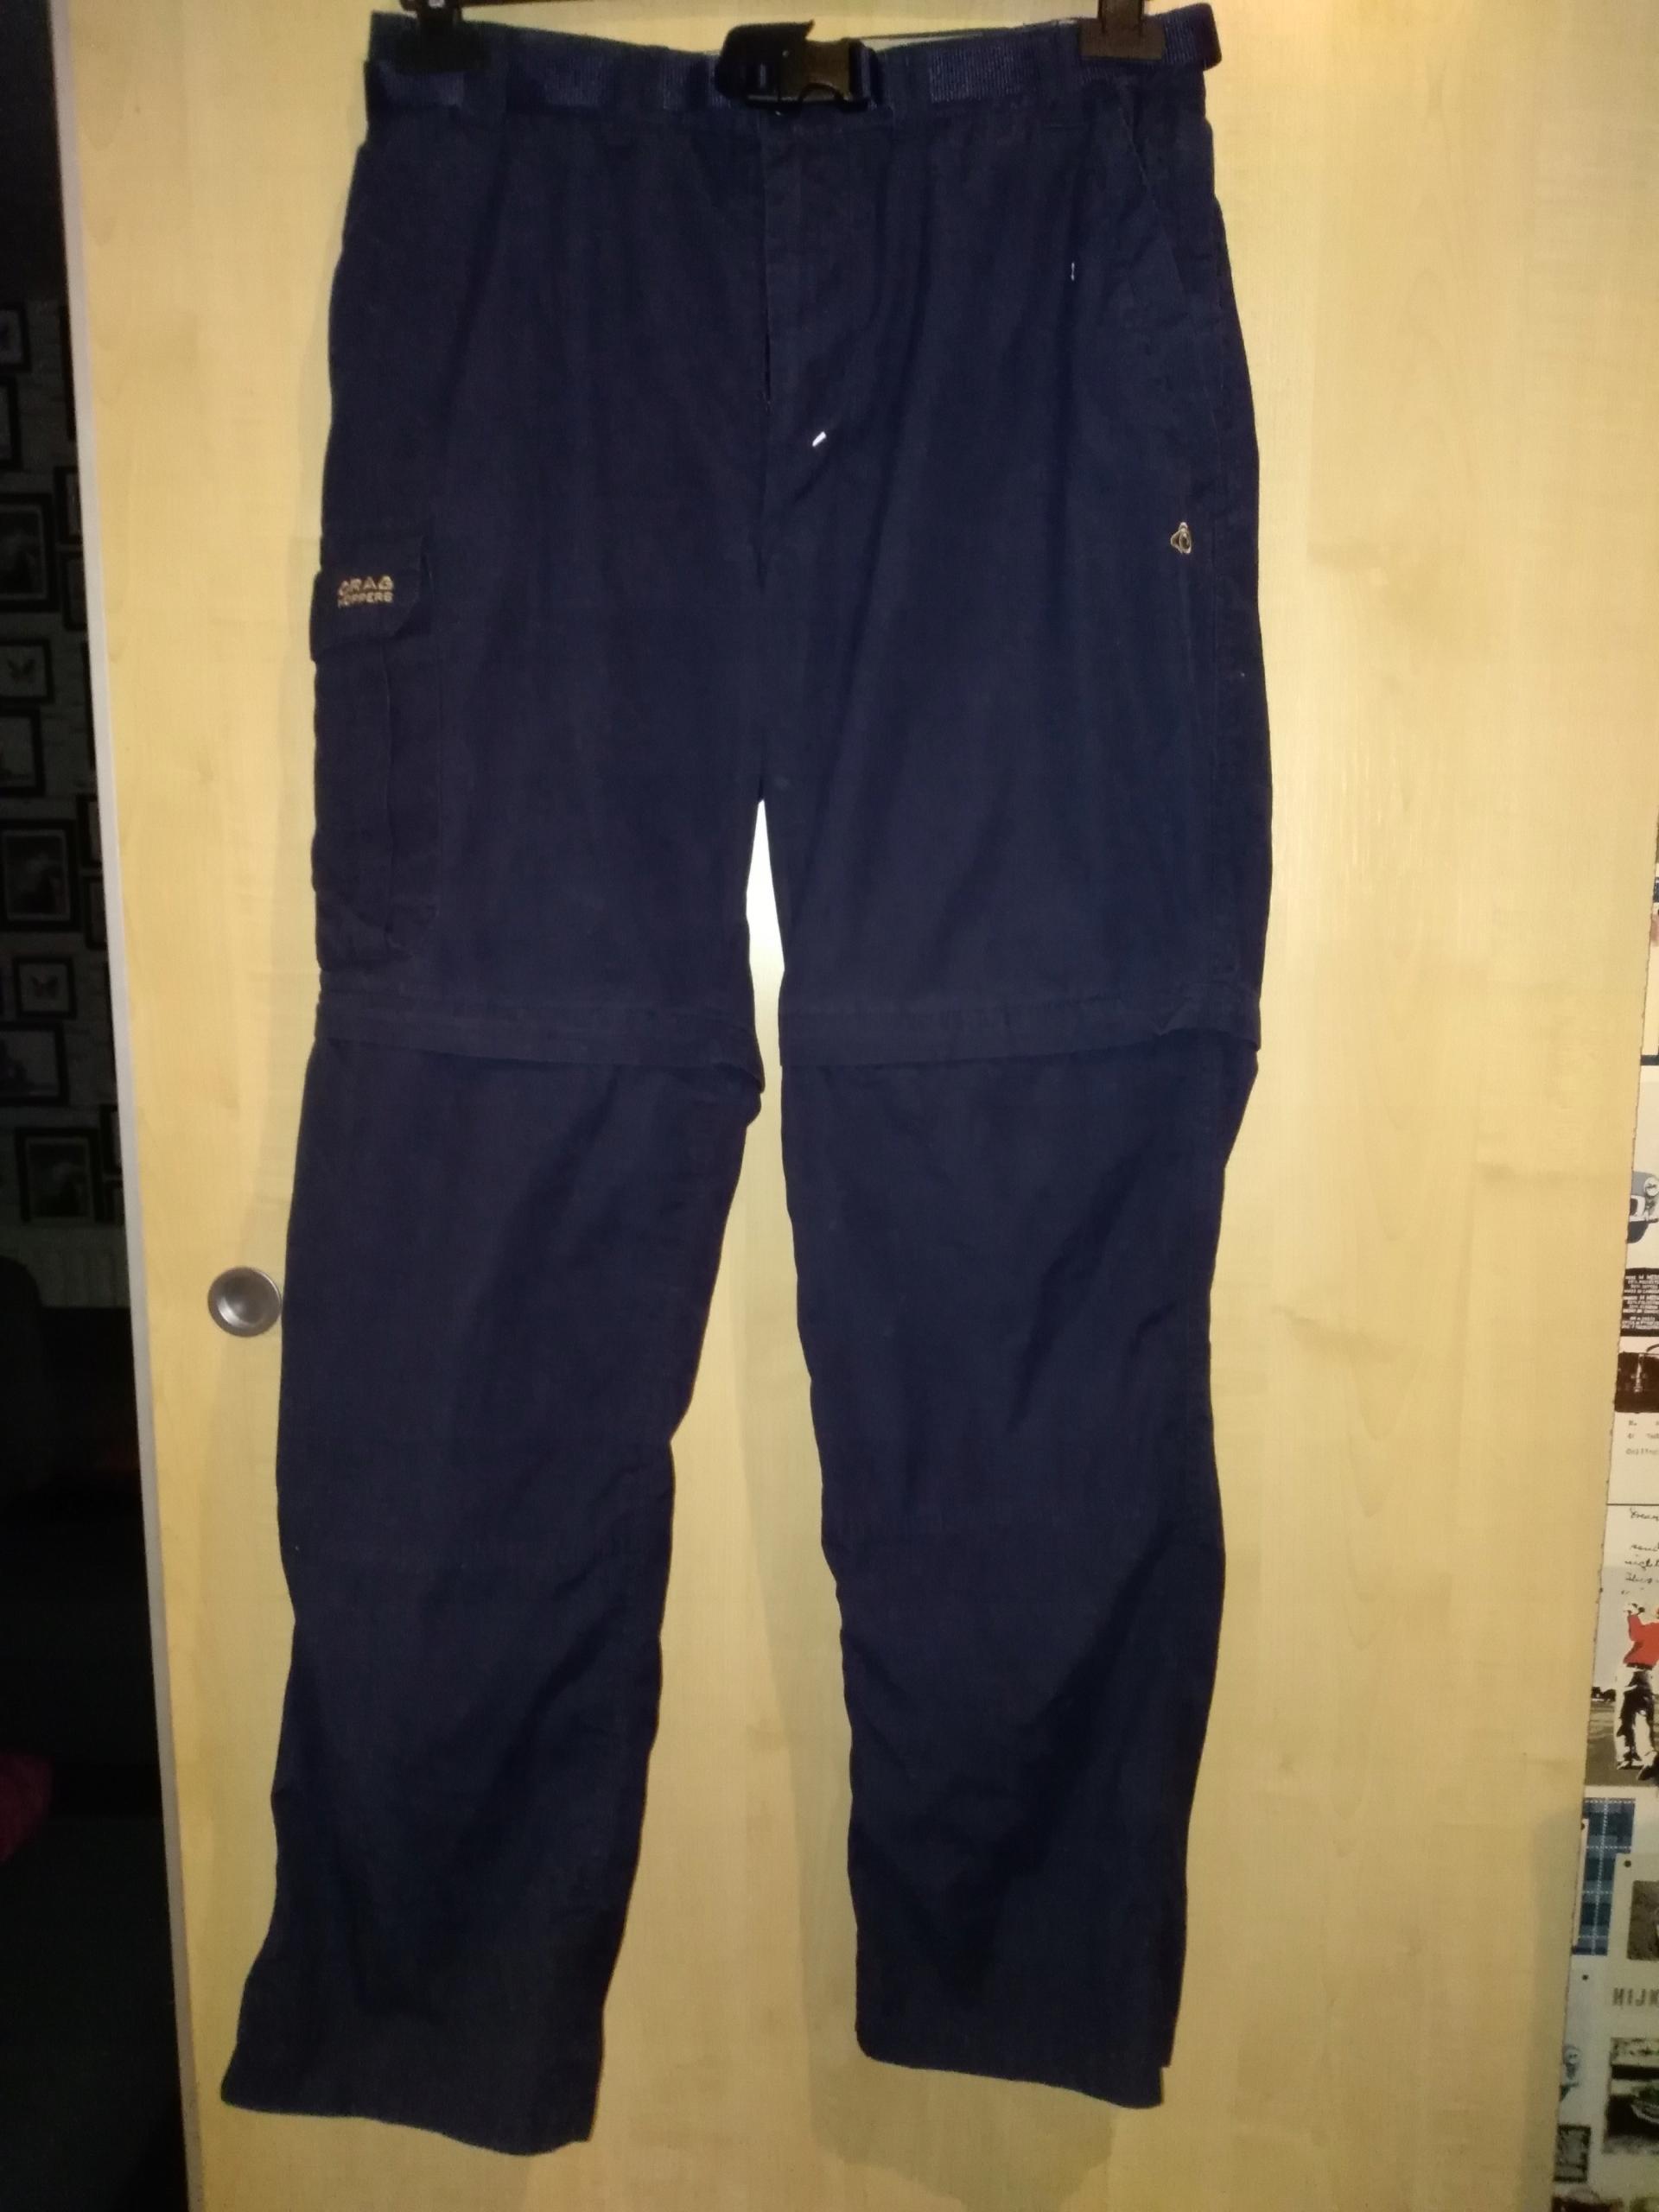 dc538c2ea8 spodnie granatowe rozmiar 38 - 7639680922 - oficjalne archiwum allegro